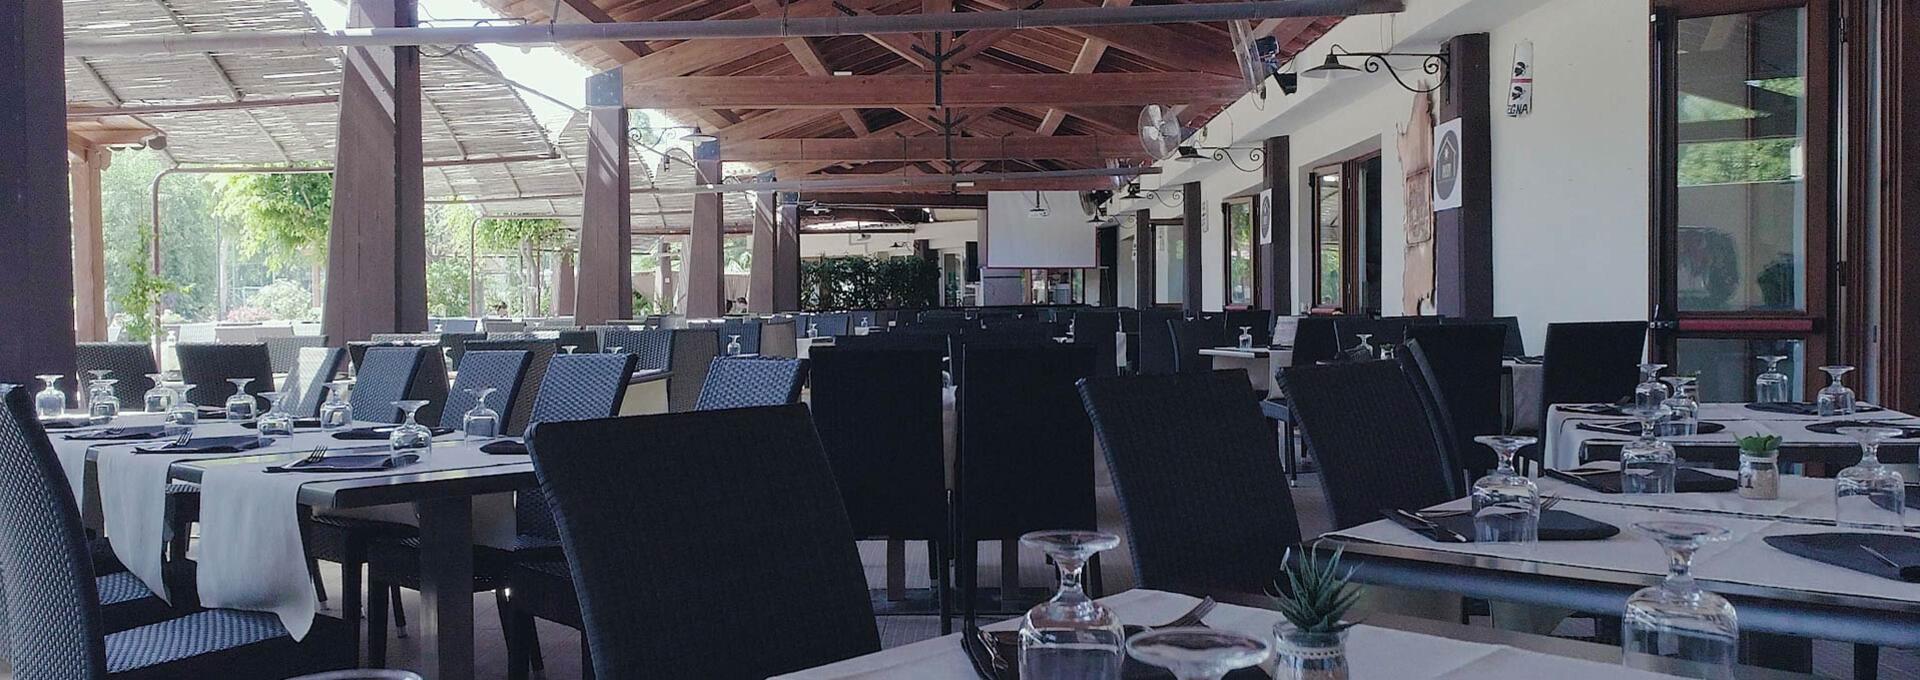 4mori de campingvillage-mit-restaurant-sardinien 015